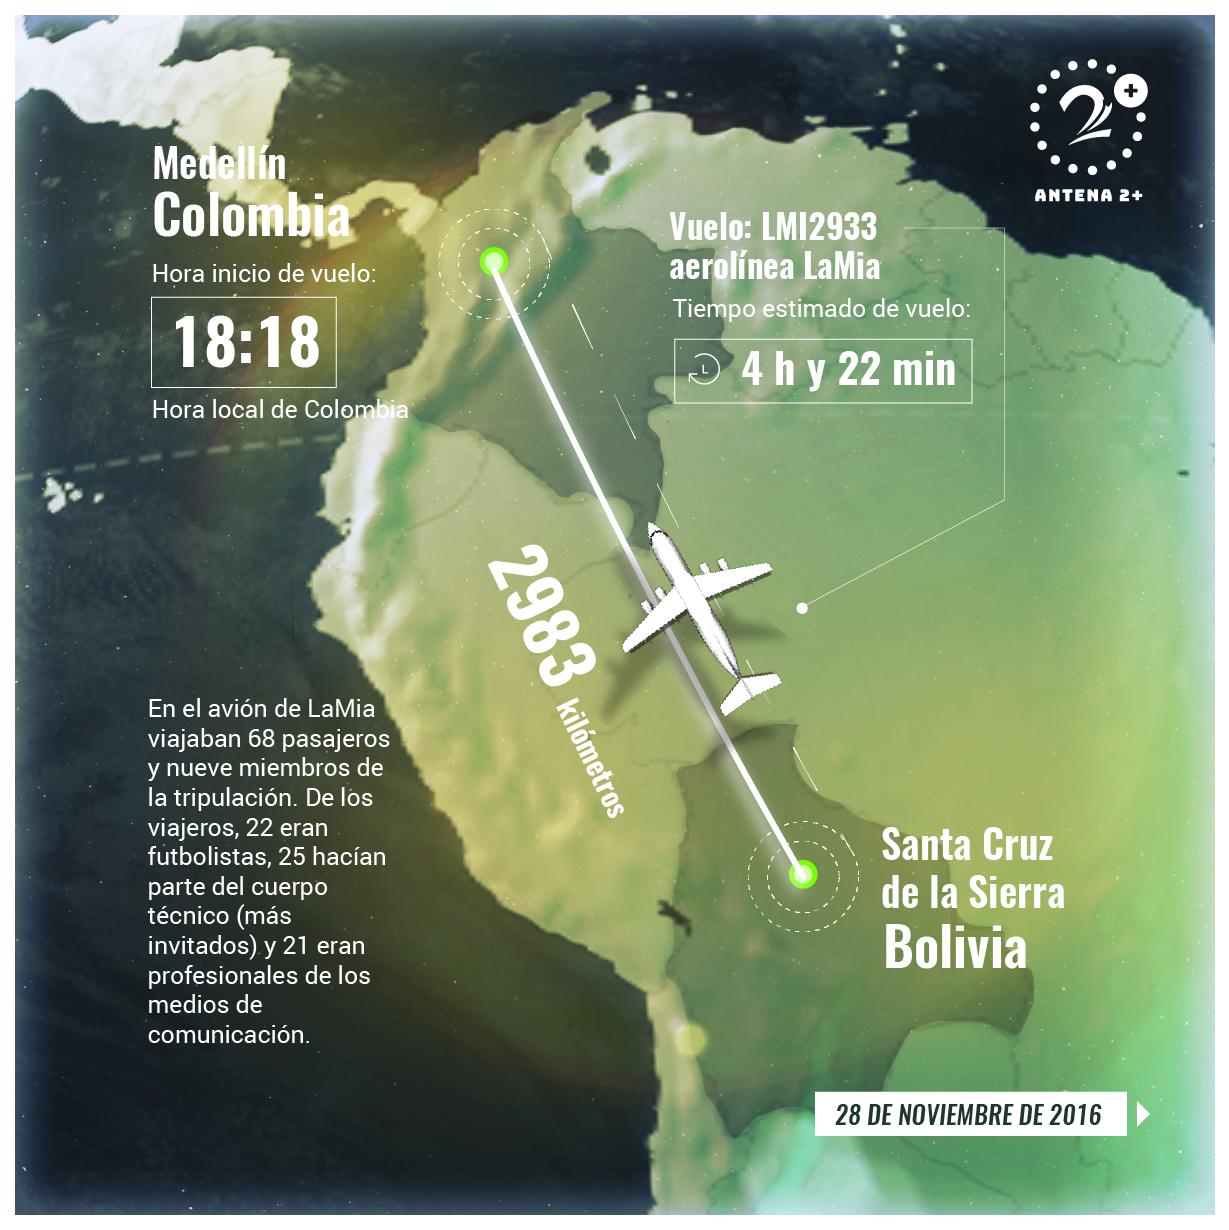 El vuelo LaMia 2933, inició su viaje con el combustible justo.